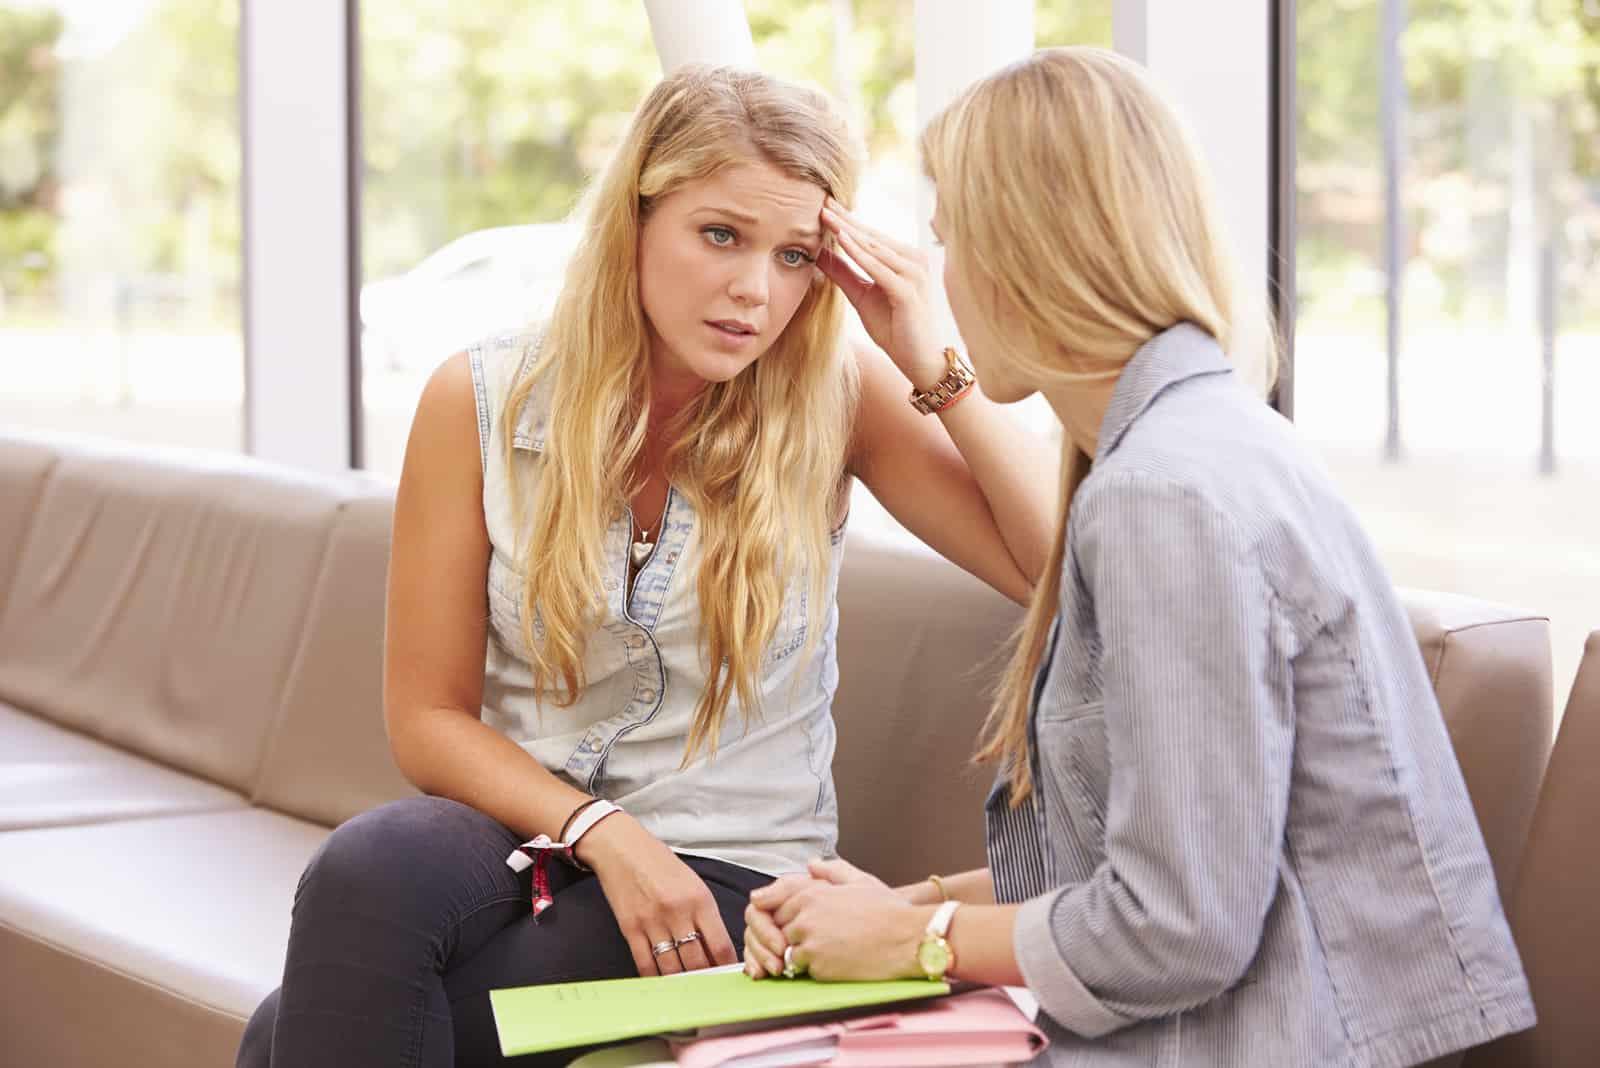 besorgte Frau im Gespräch mit ihrer Freundin